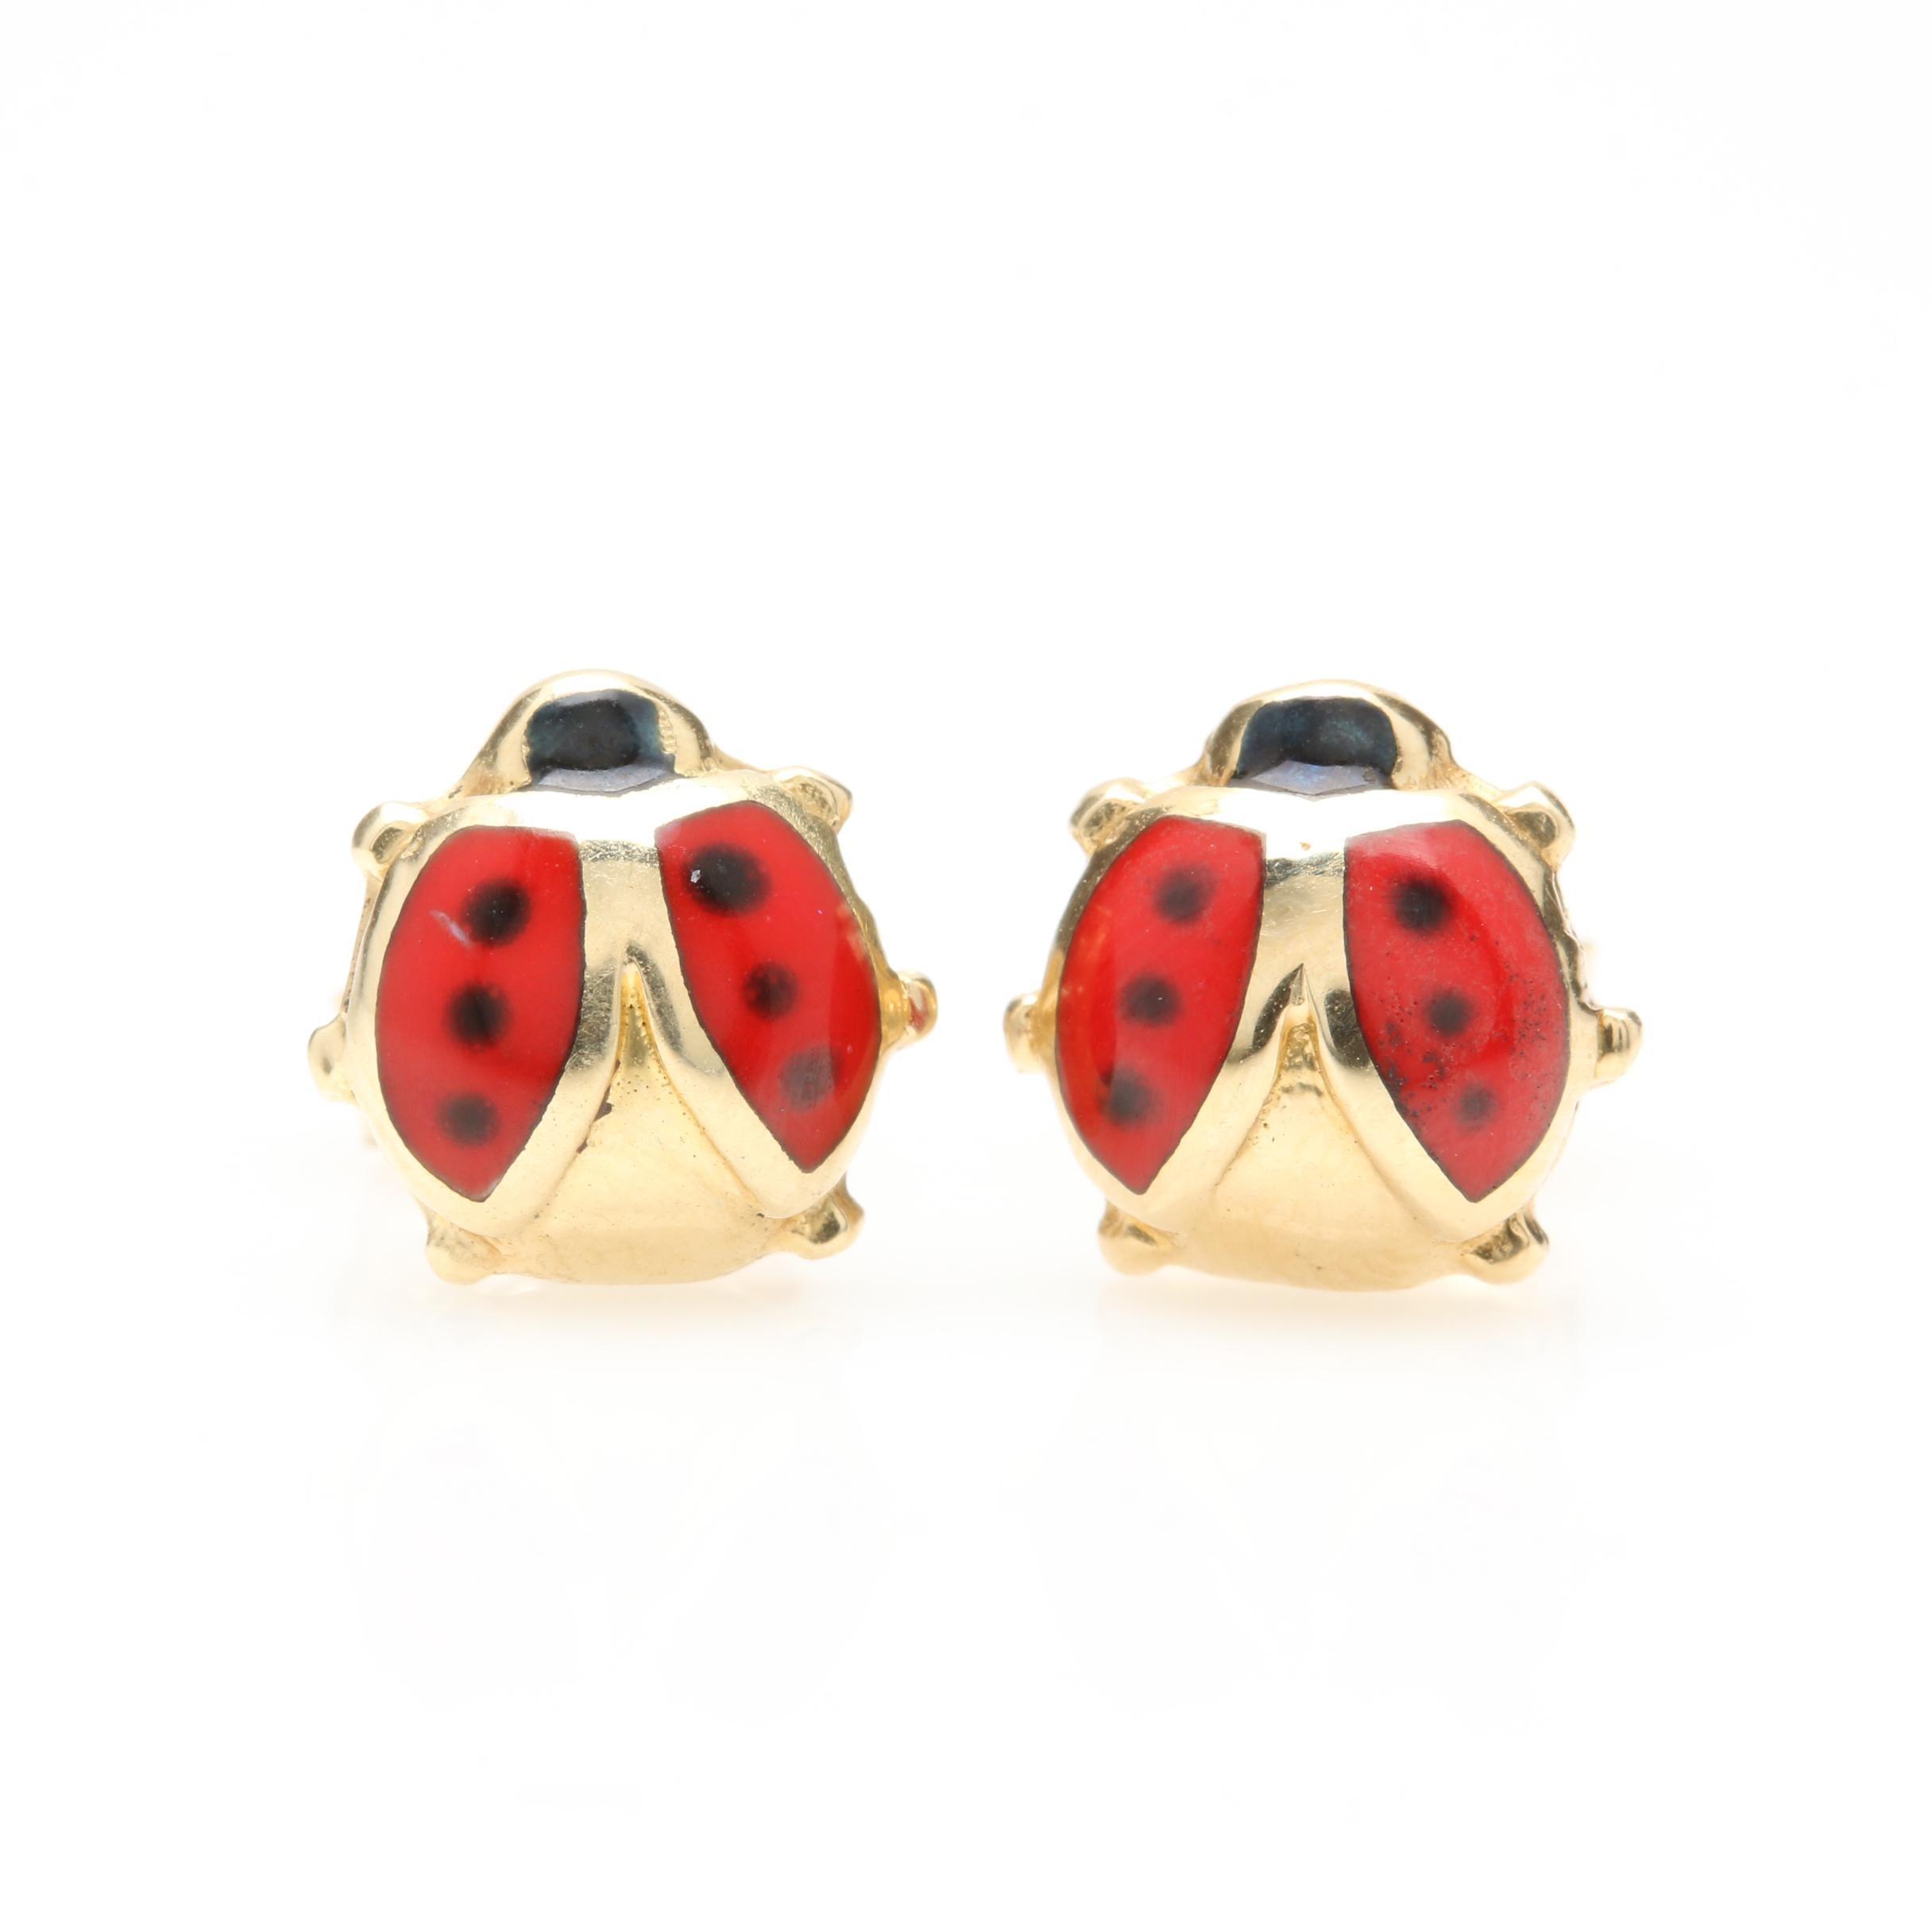 14K Yellow Gold Ladybug Stud Earrings With Enamel Accents